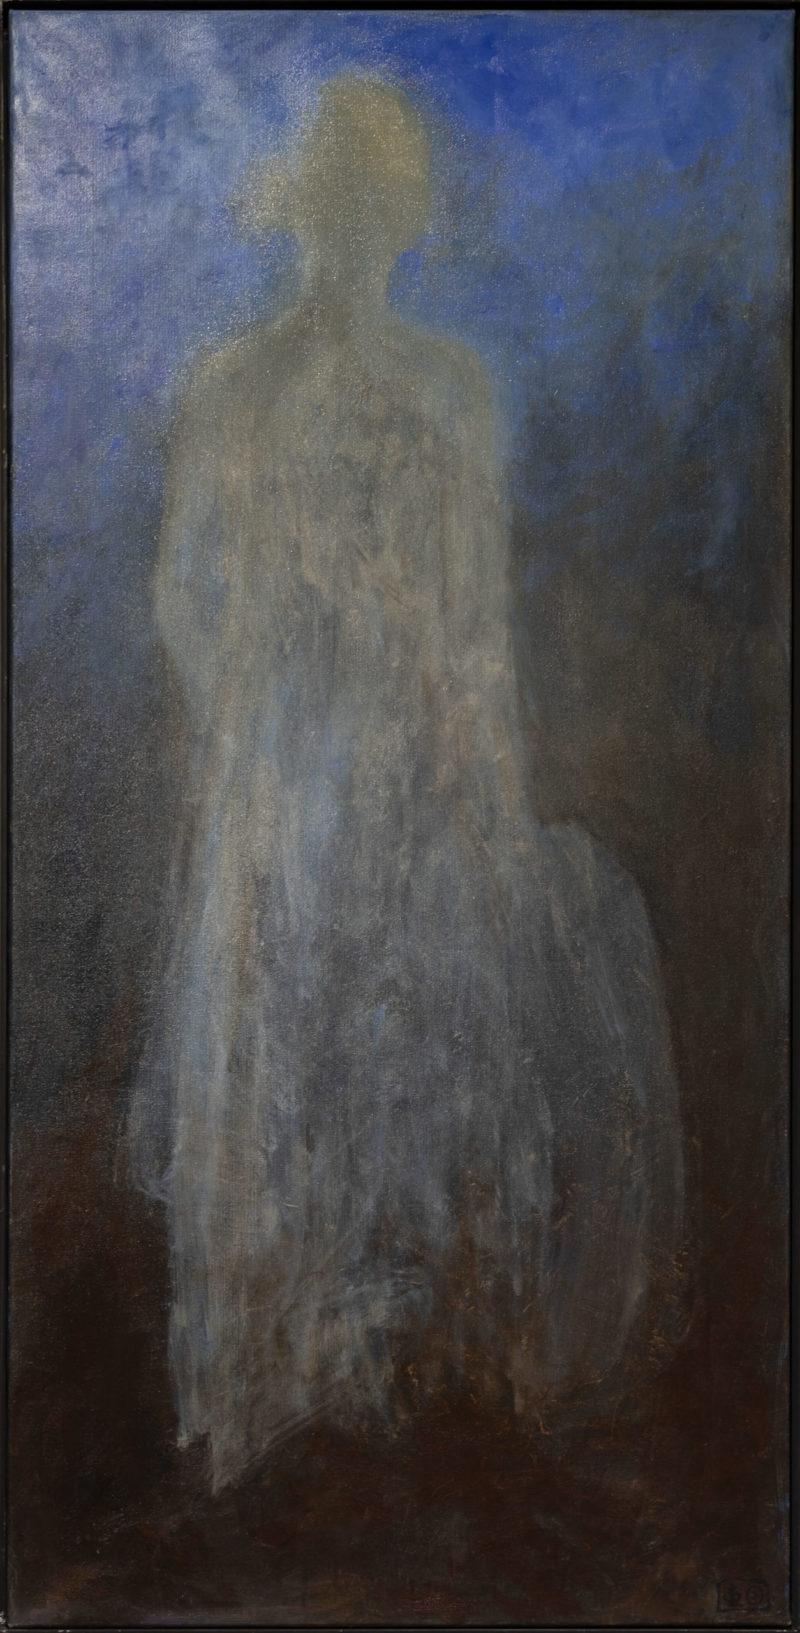 Aavemainen vaalea hahmo sinisellä ja ruskealla taustalla.